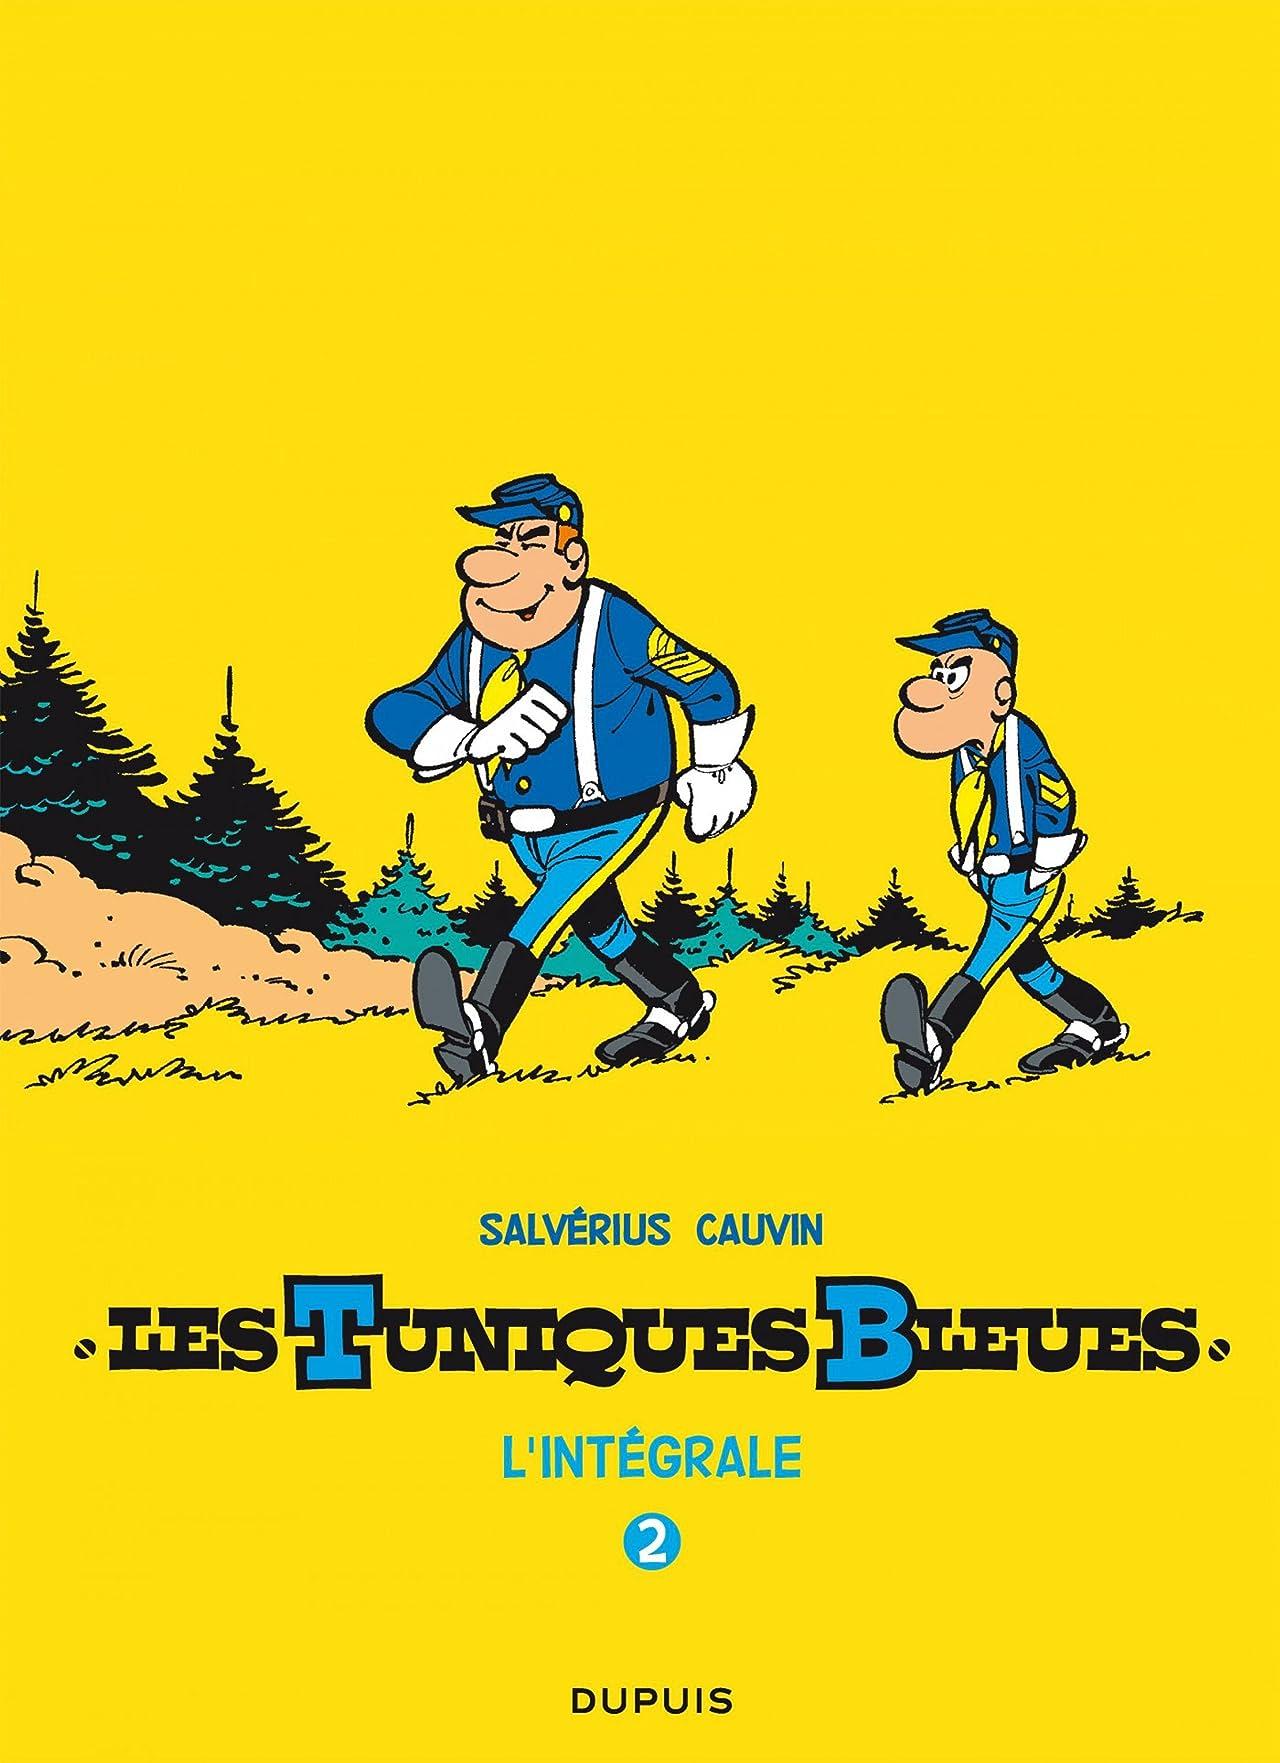 Les Tuniques Bleues - L'intégrale Vol. 2